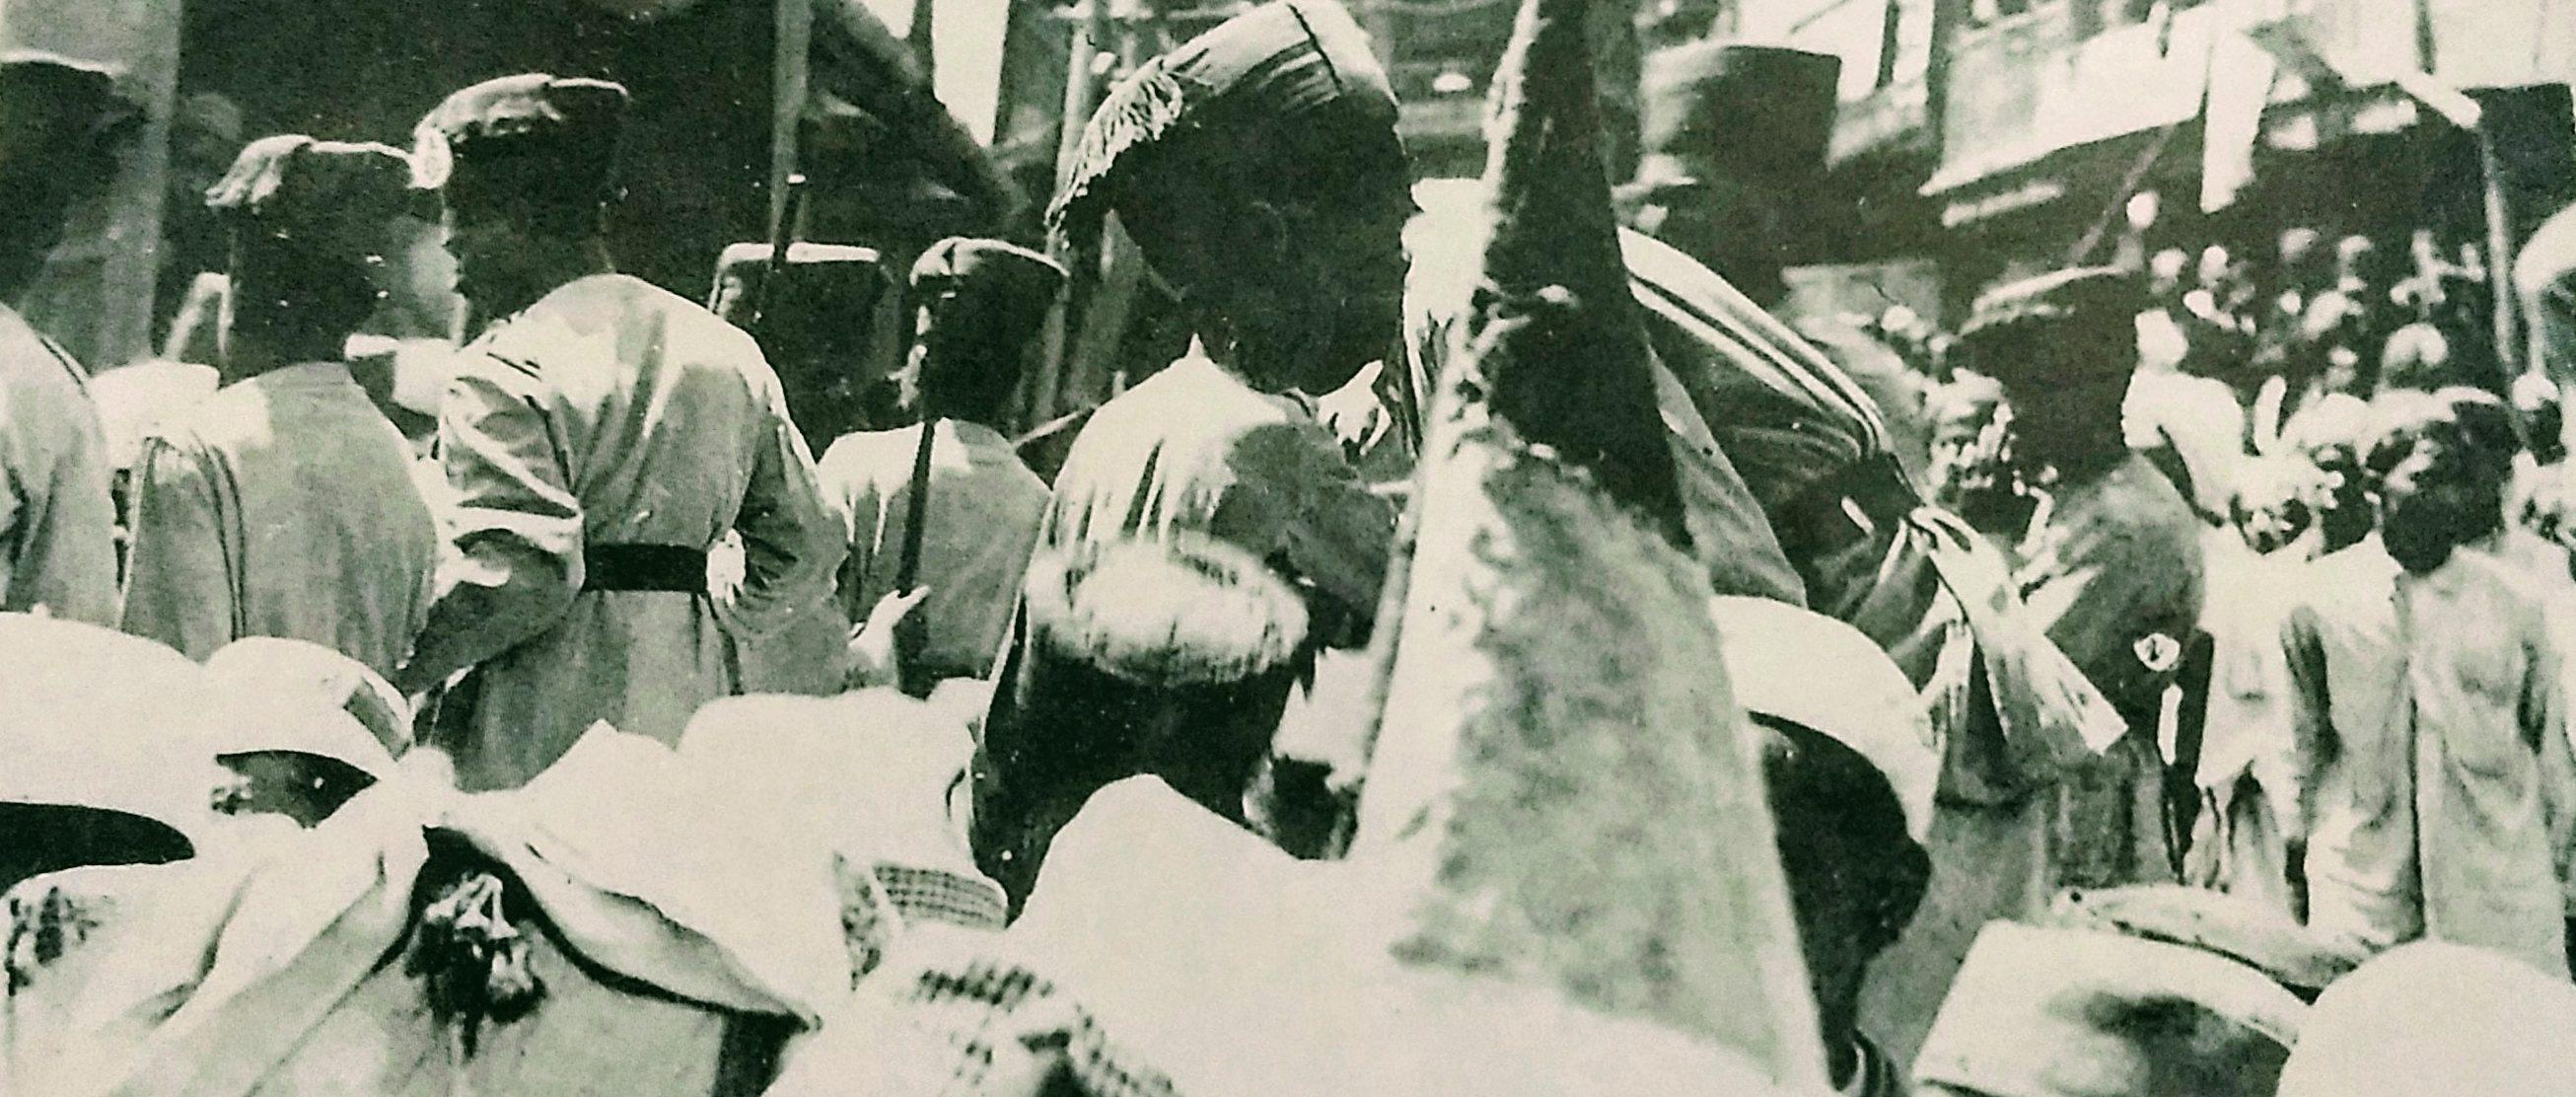 भारत छोड़ो आंदोलन और कुमाऊं के वीर